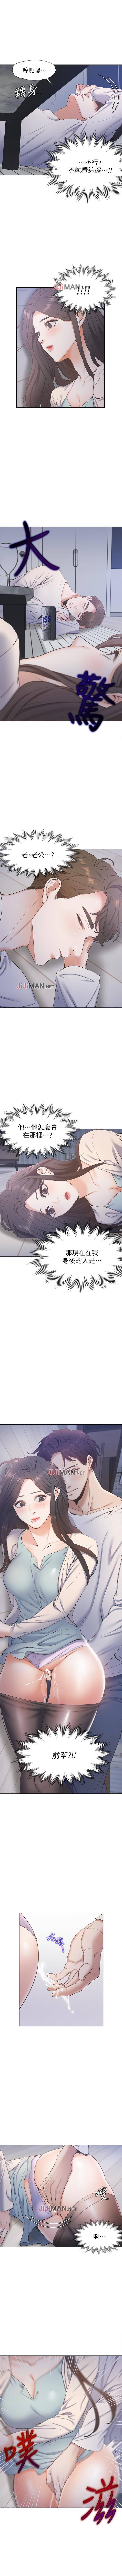 【周五连载】渴望:爱火难耐(作者:Appeal&格子17) 第1~24话 17